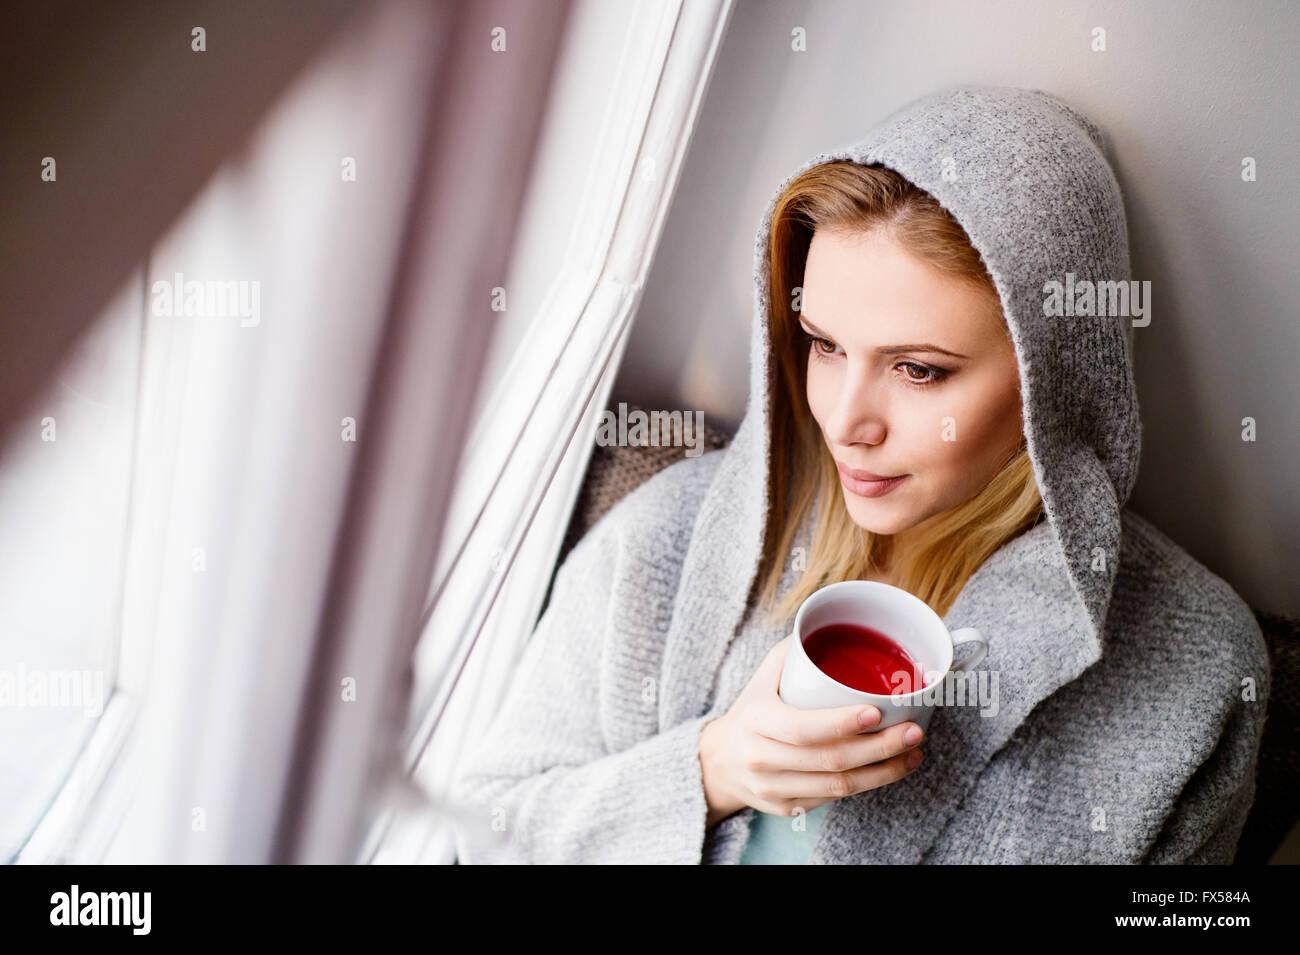 Frau auf der Fensterbank halten einer Tasse Tee Stockbild